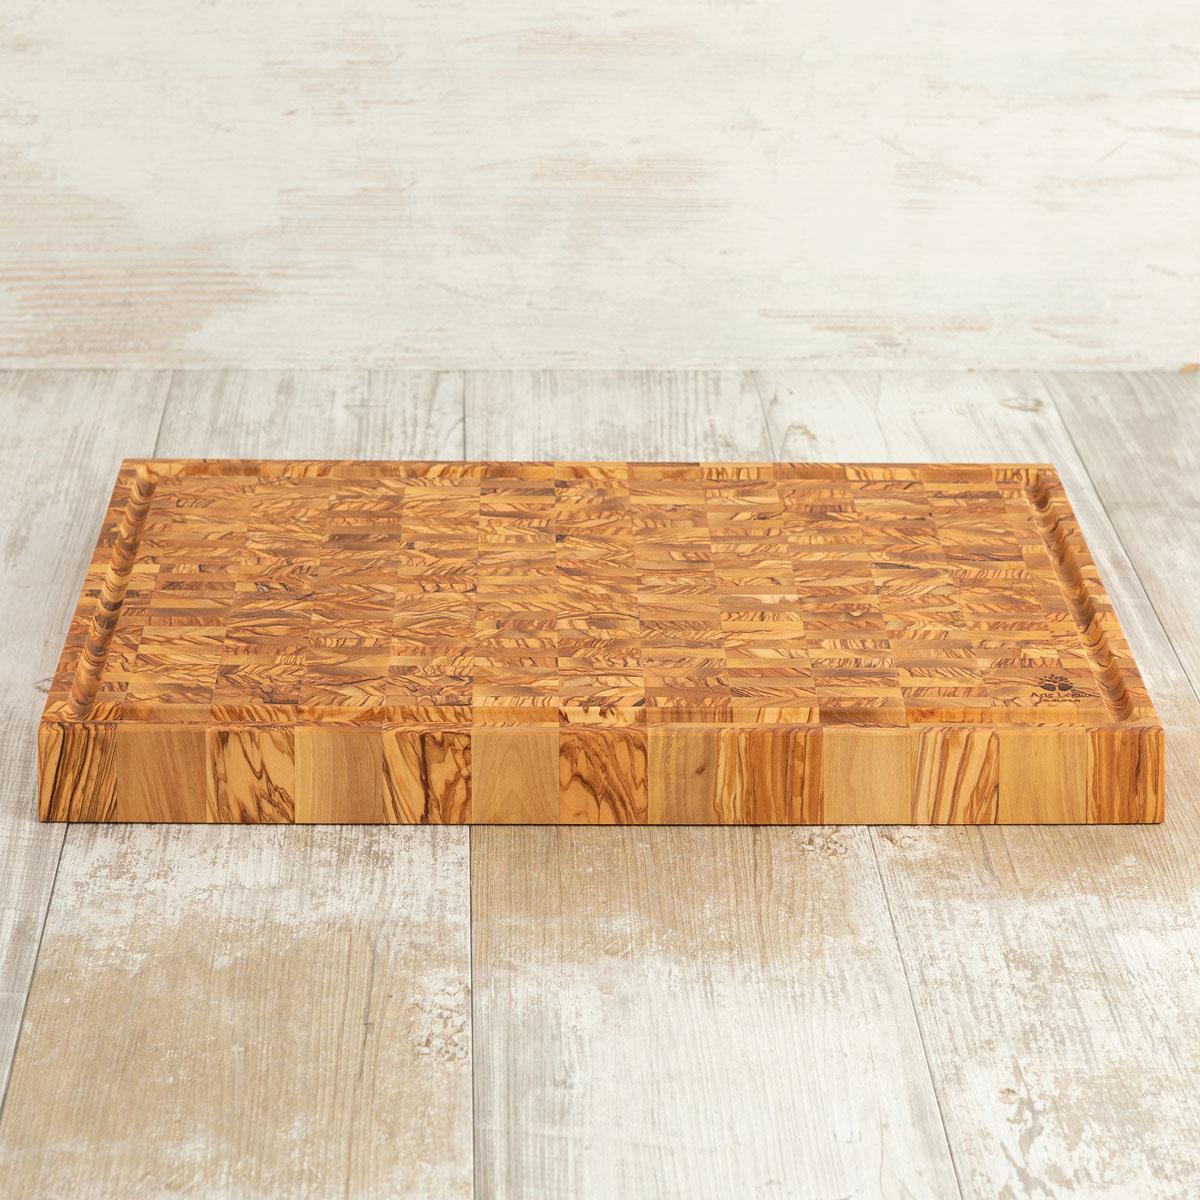 Tagliere listellare - cm 50×30×4,2 in legno di ulivo - Arte Legno